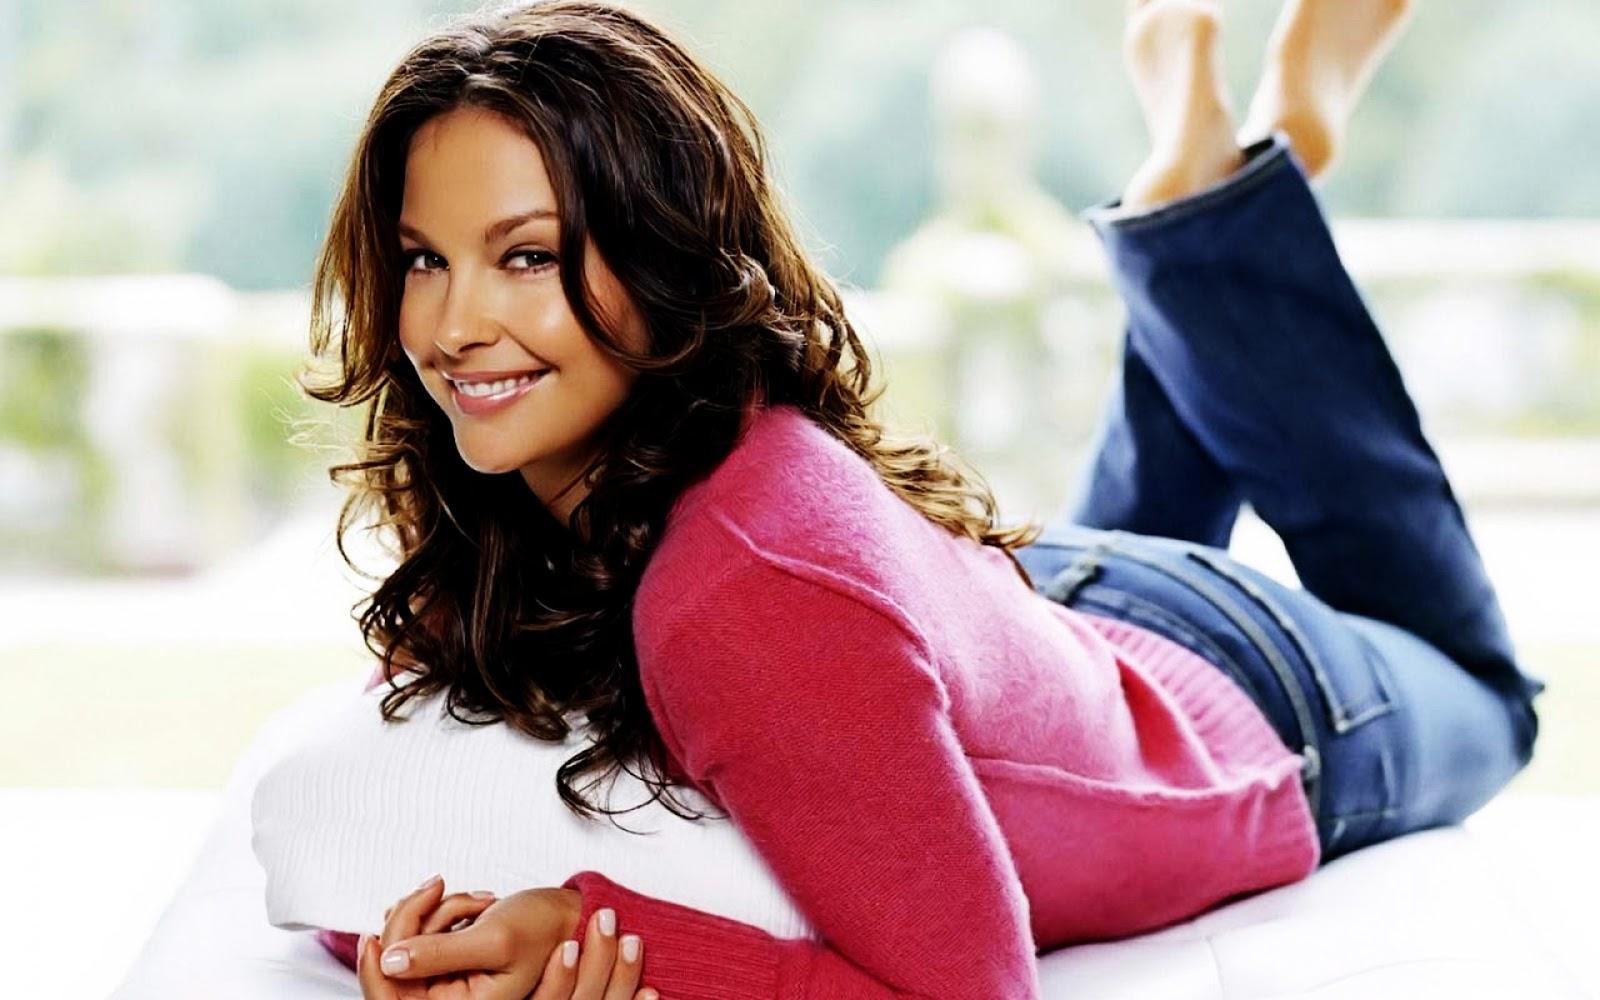 Actress Ashley